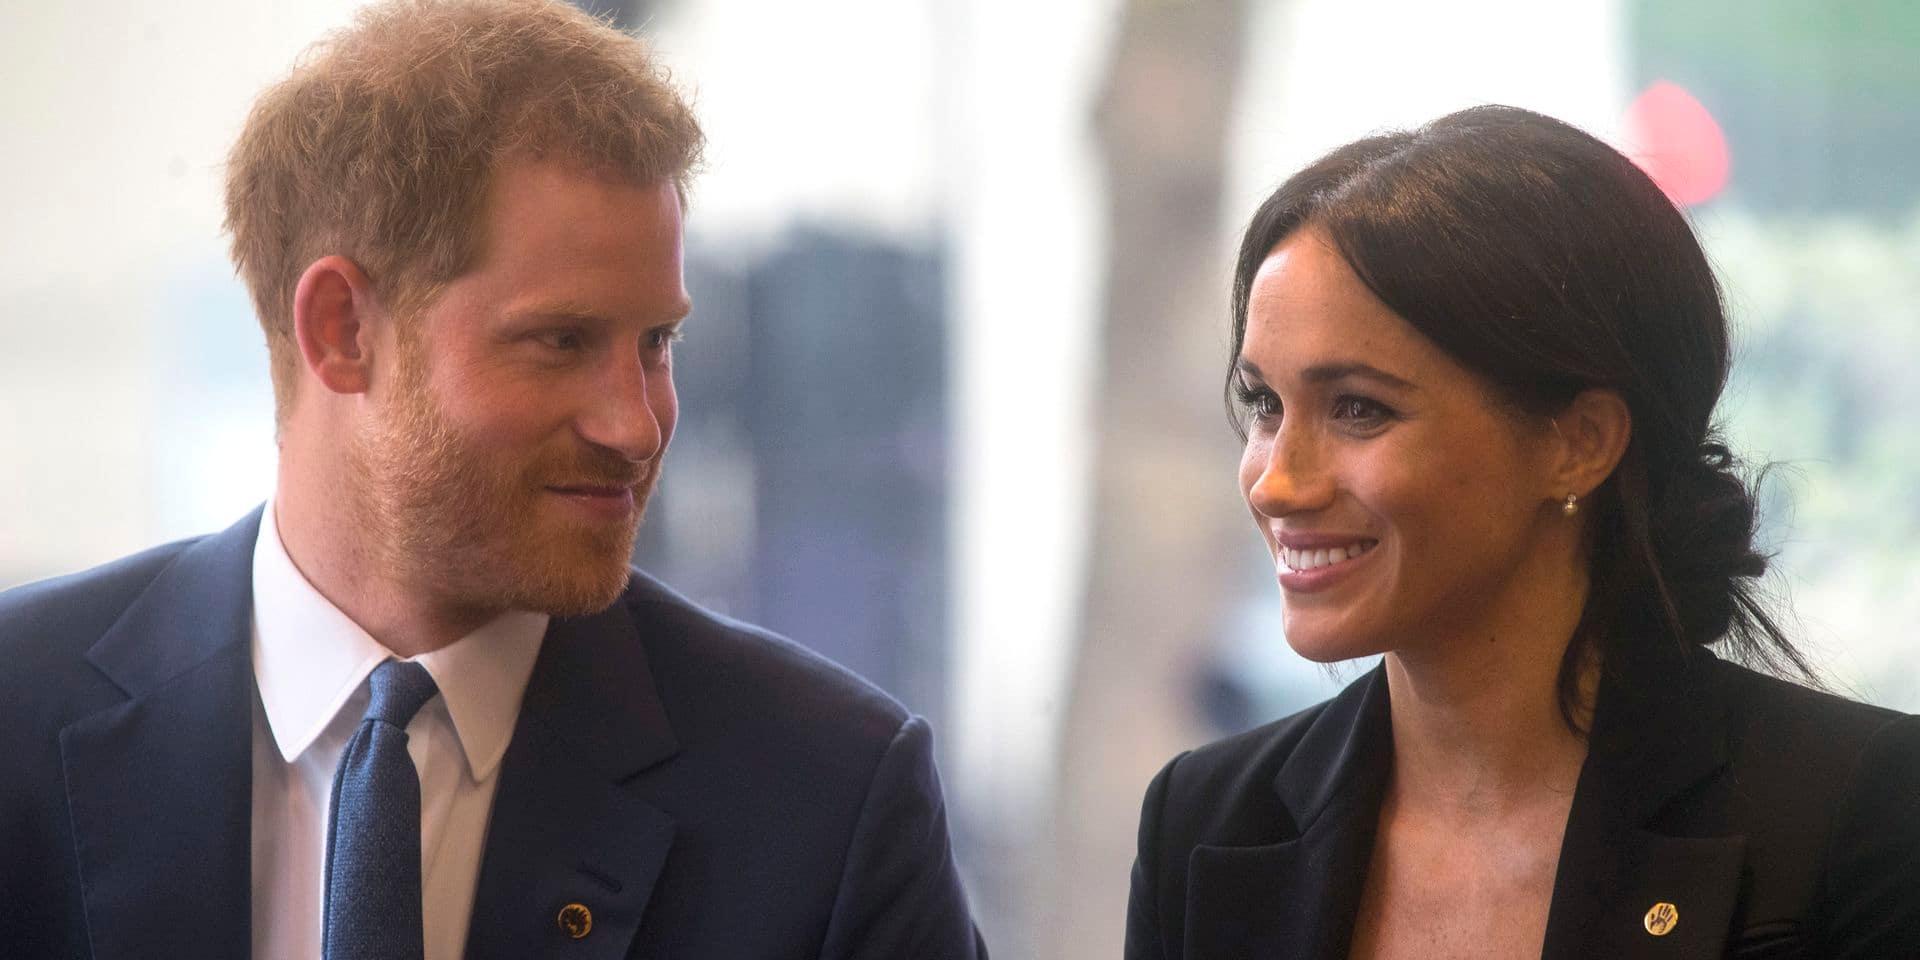 Le message piquant de la demi-soeur de Meghan Markle pour l'anniversaire du Prince Harry